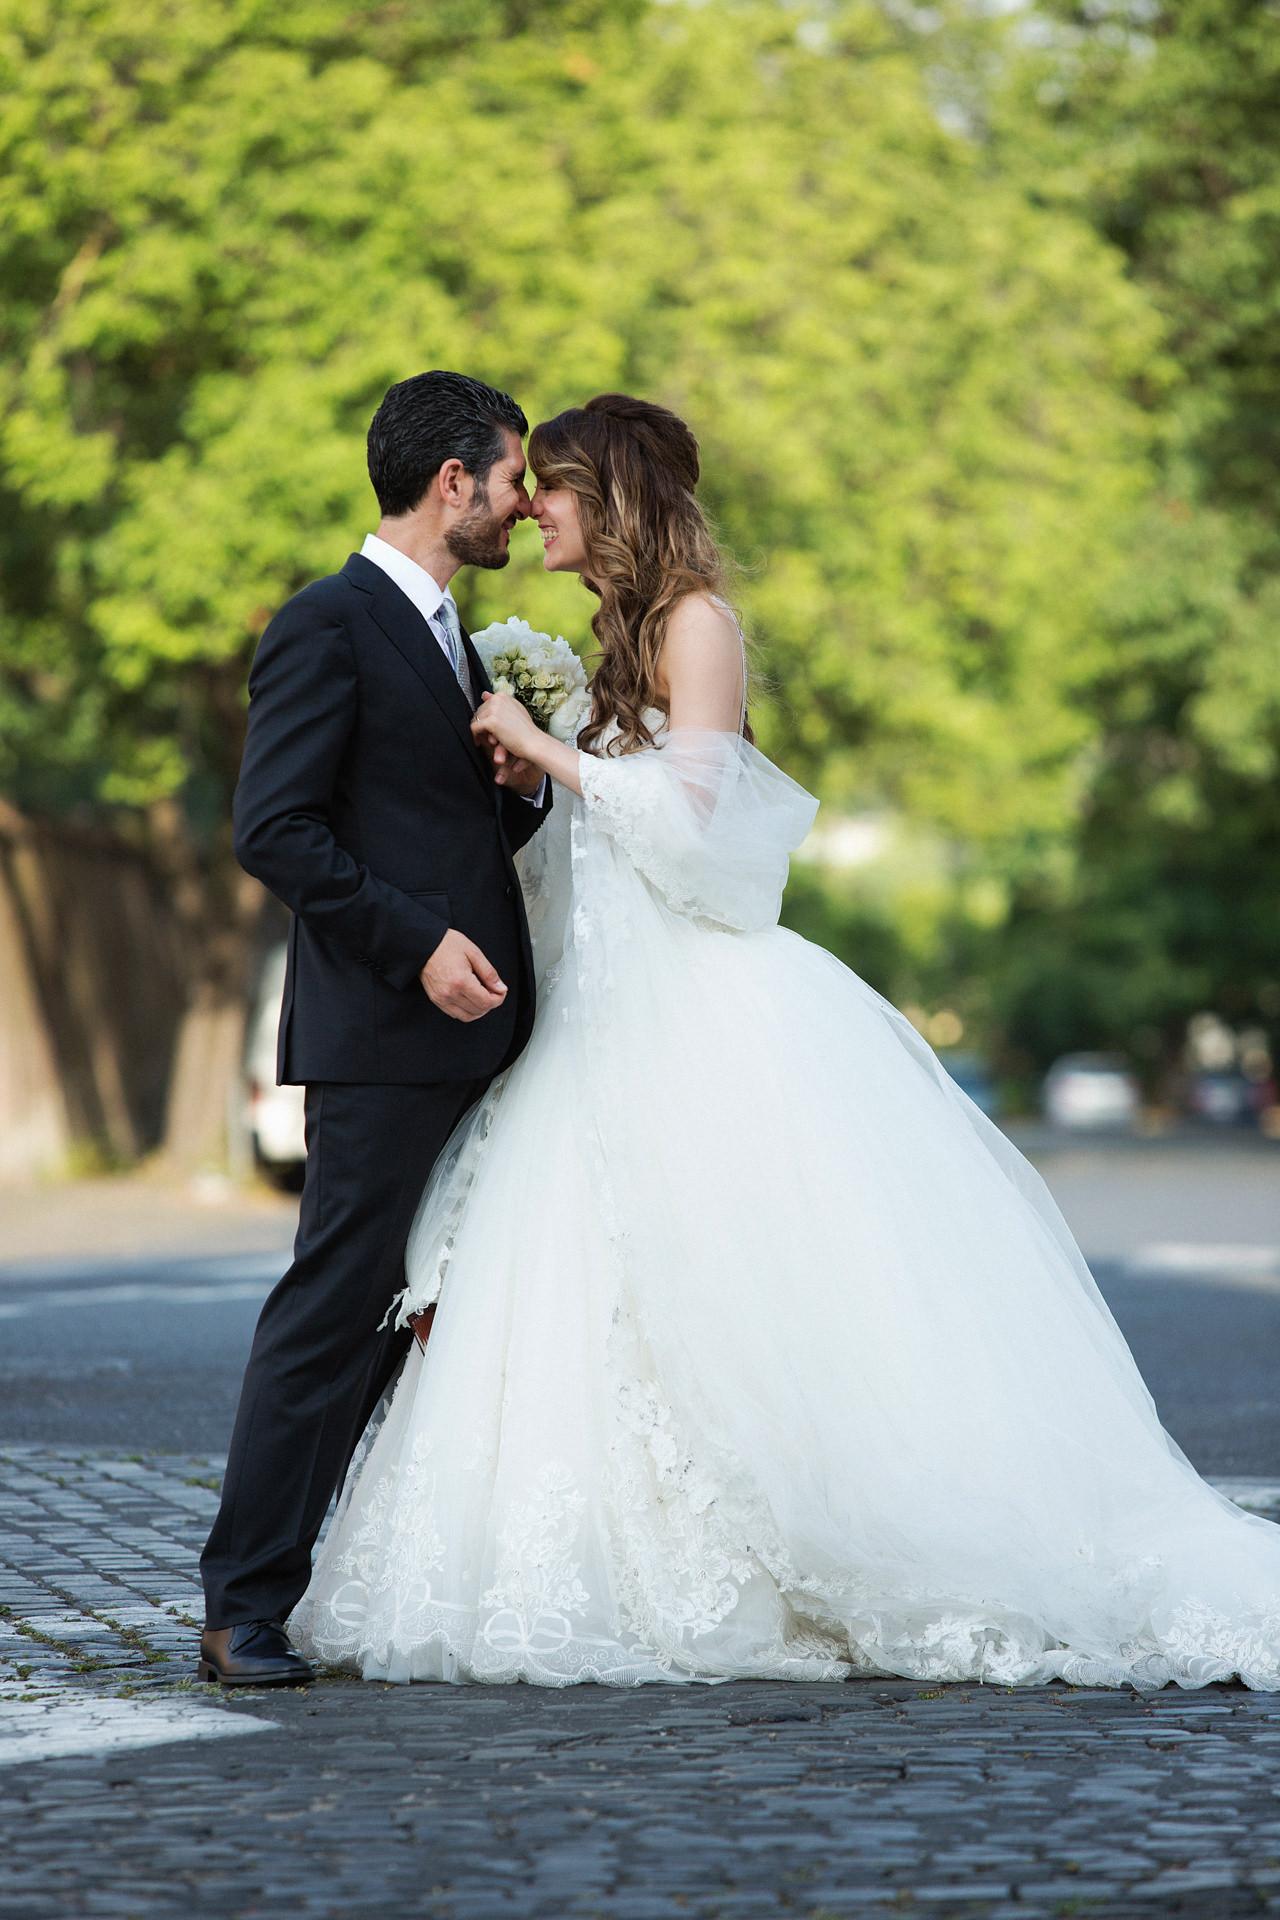 ernesto-de-angelis-fotografo-matrimoni-0071.jpg